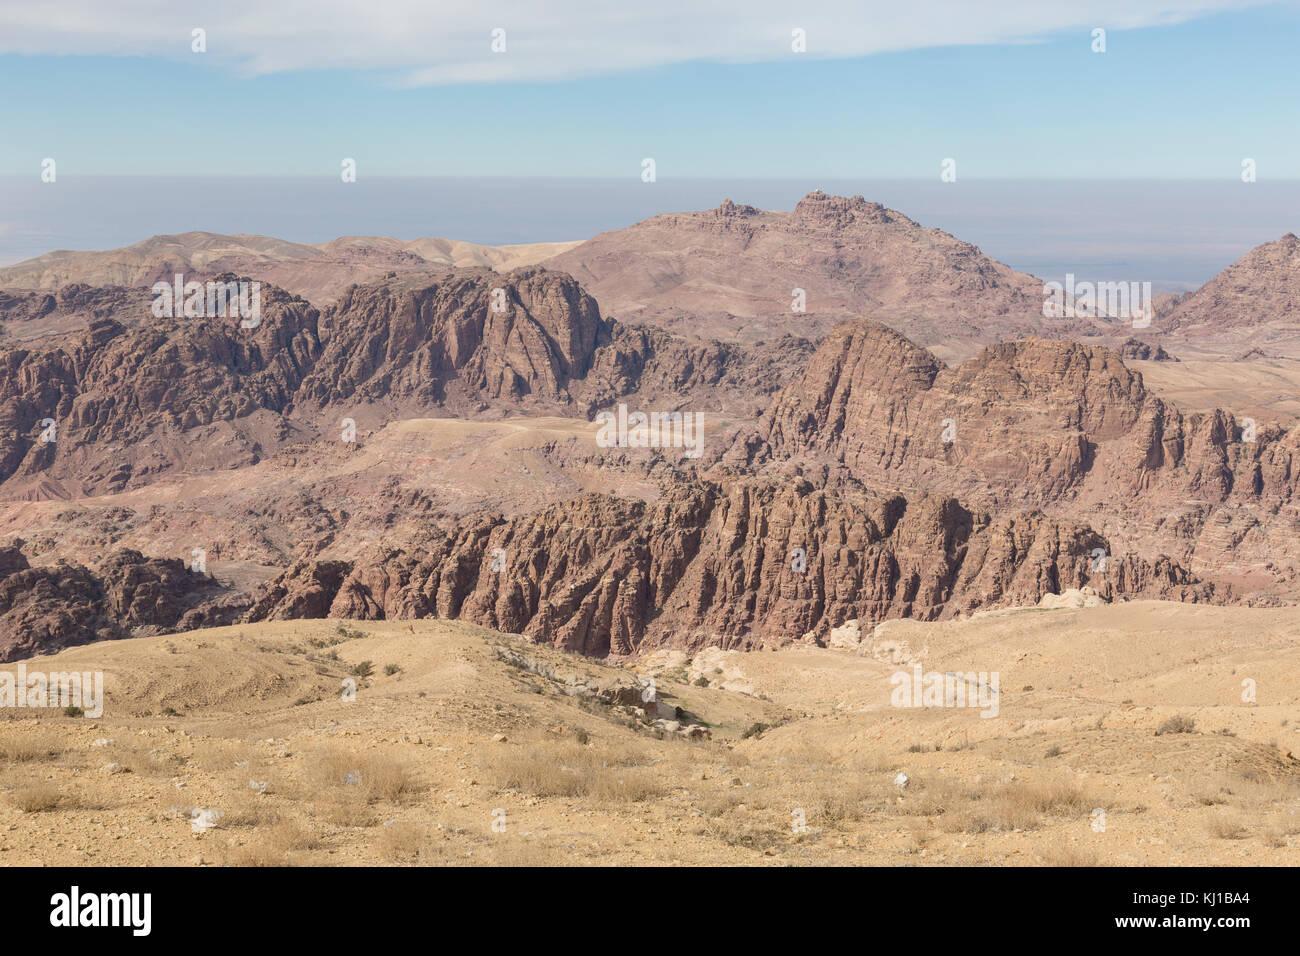 Environs de Petra avec le barrage et l'entrée de la Siq à l'avant-plan, en Jordanie Photo Stock